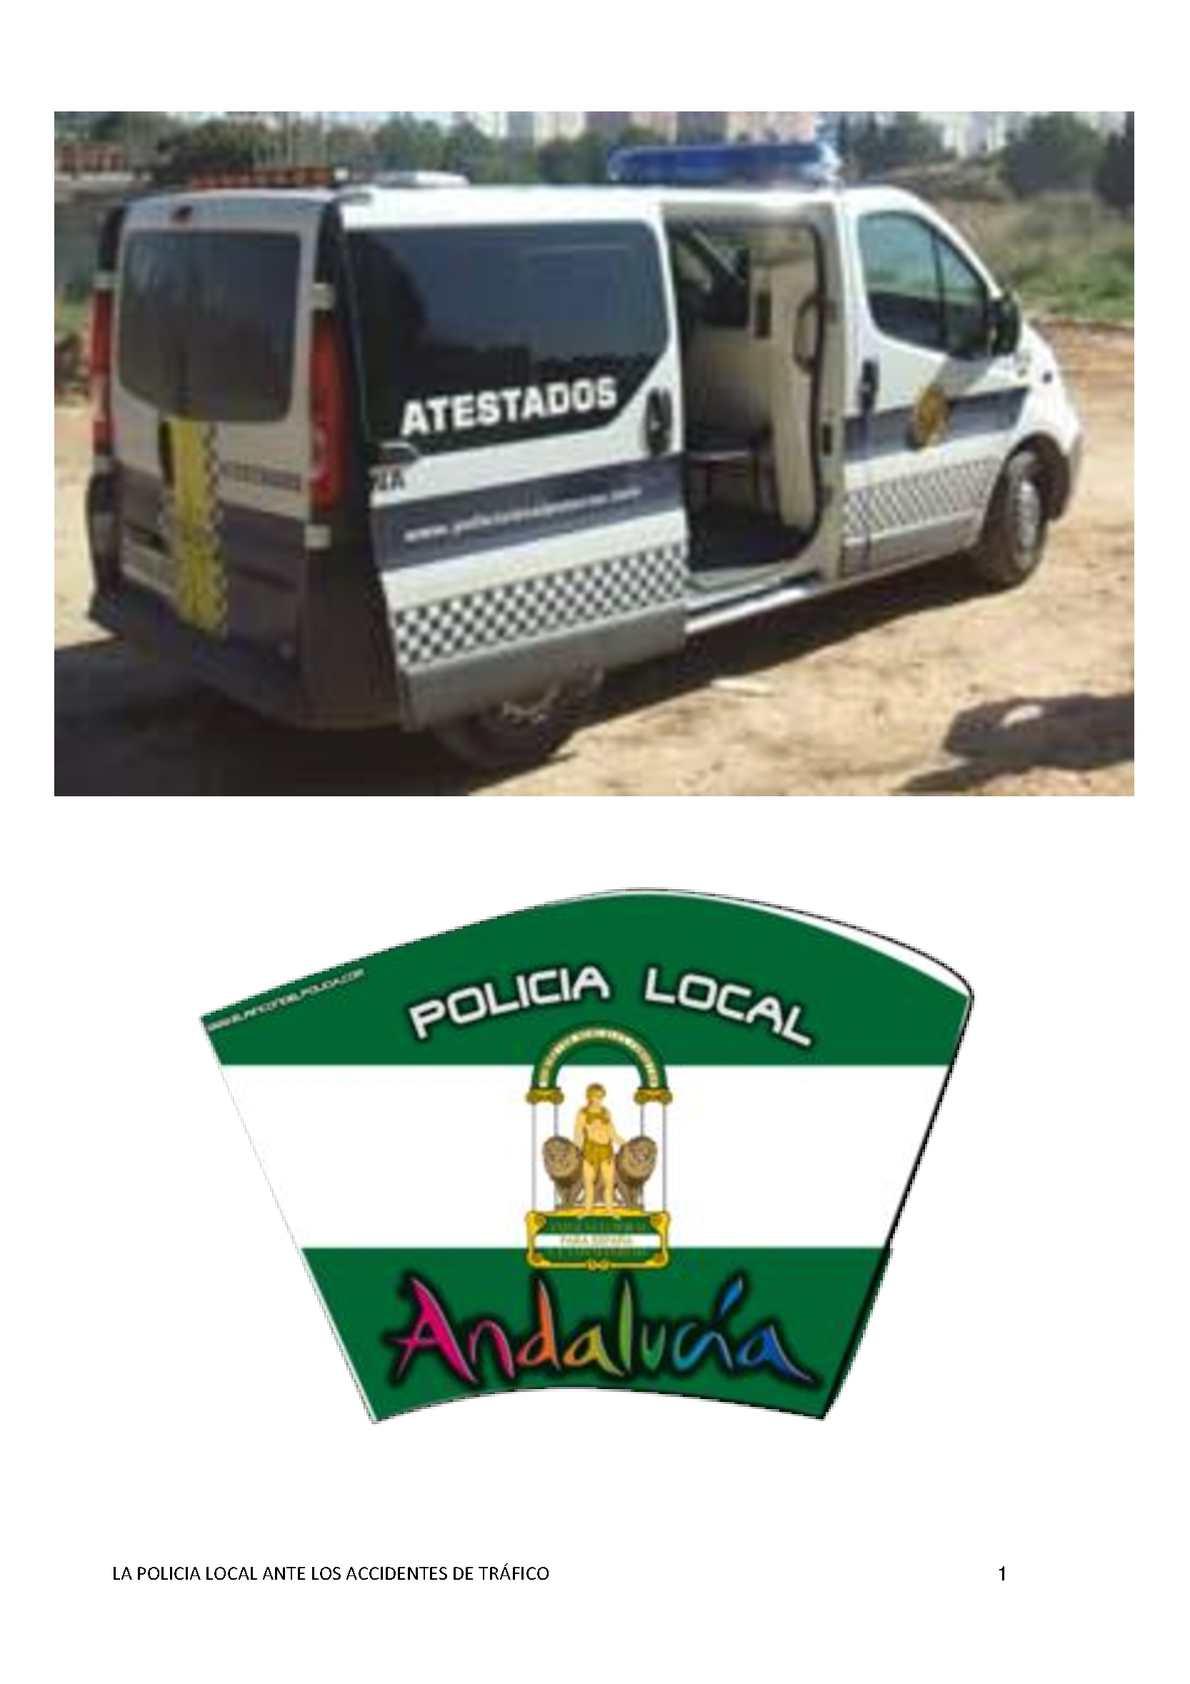 Calaméo - LA POLICÍA LOCAL ANTE LOS ACCIDENTES DE TRÁFICO